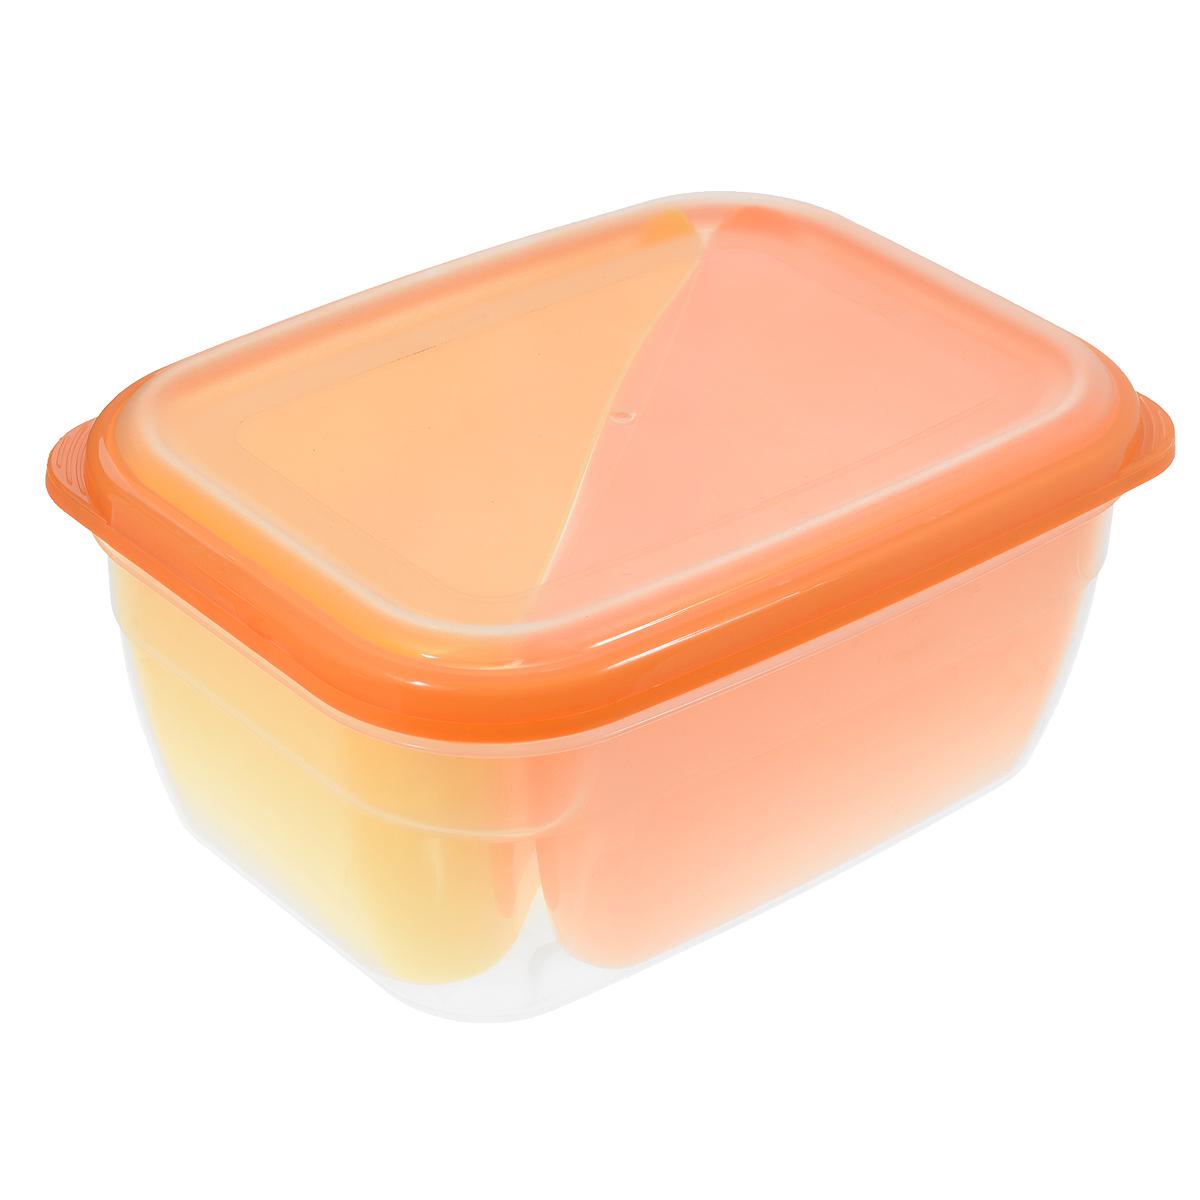 Контейнер-менажница для СВЧ Полимербыт, цвет: оранжевый, желтый, 1,8 л391602Контейнер-менажница для СВЧ Полимербыт изготовлен из высококачественного прочного пластика, устойчивого к высоким температурам (до +120°С). Крышка плотно закрывается, дольше сохраняя продукты свежими и вкусными. Контейнер снабжен 2 цветными съемными секциями, которые позволяют хранить сразу несколько продуктов или блюд. Он идеально подходит для хранения пищи, его удобно брать с собой на работу, учебу, пикник или просто использовать для хранения пищи в холодильнике.Можно использовать в микроволновой печи и для заморозки в морозильной камере. Можно мыть в посудомоечной машине. Объем секции: 0,75 л.Размер секции: 15 см х 11 см х 8 см.Объем контейнера: 1,8 л.Размер контейнера: 20 см х 14,5 см х 8,5 см.